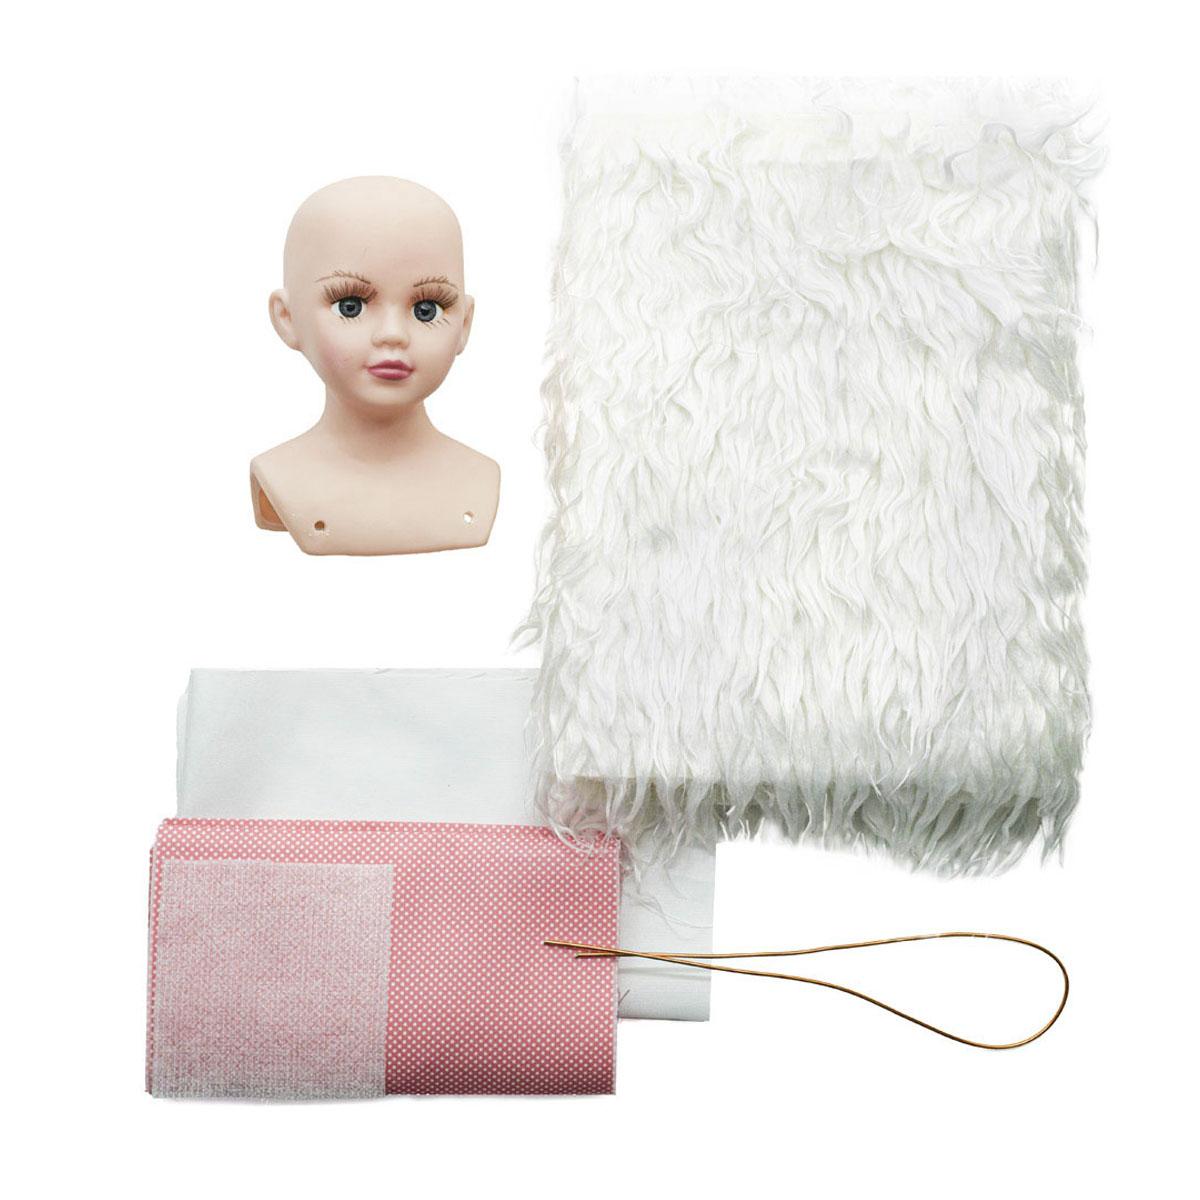 17-401 Набор для изготовления интерьерной игрушки 'Зайка' 36 см